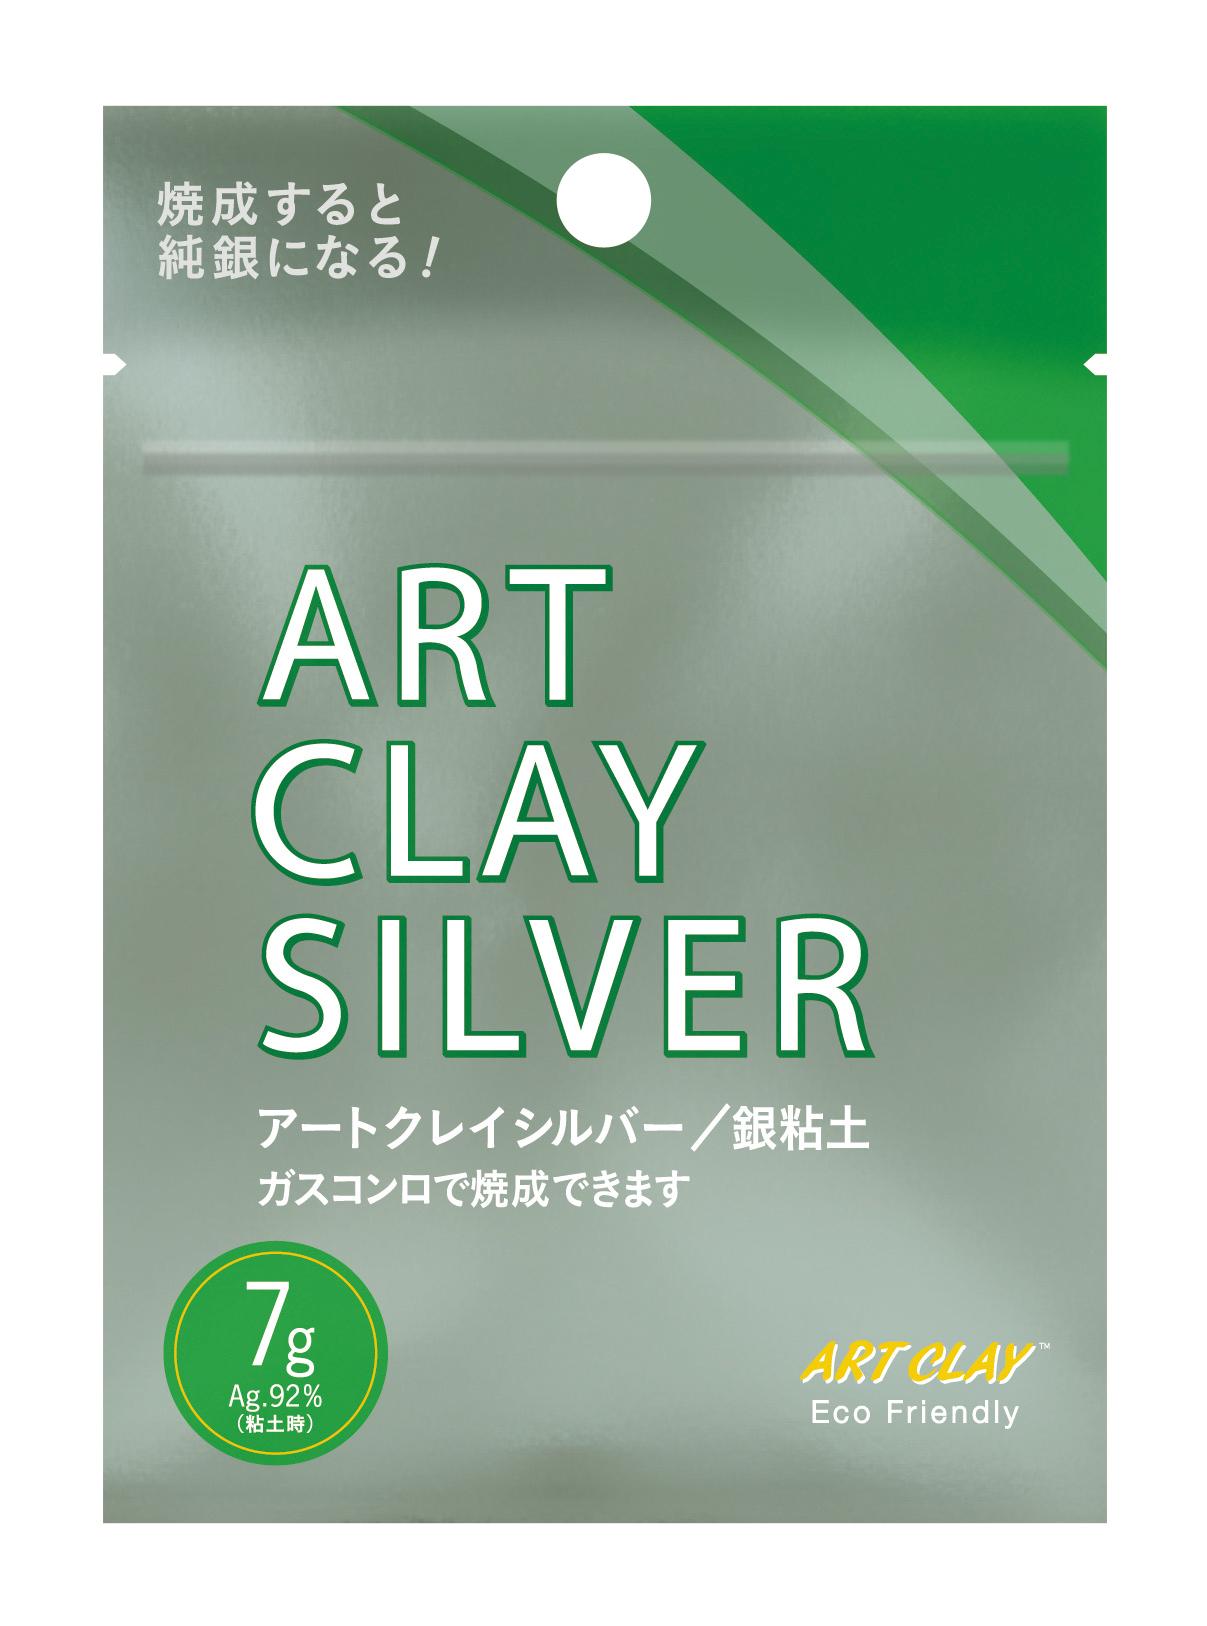 acs-clay-7g.jpg